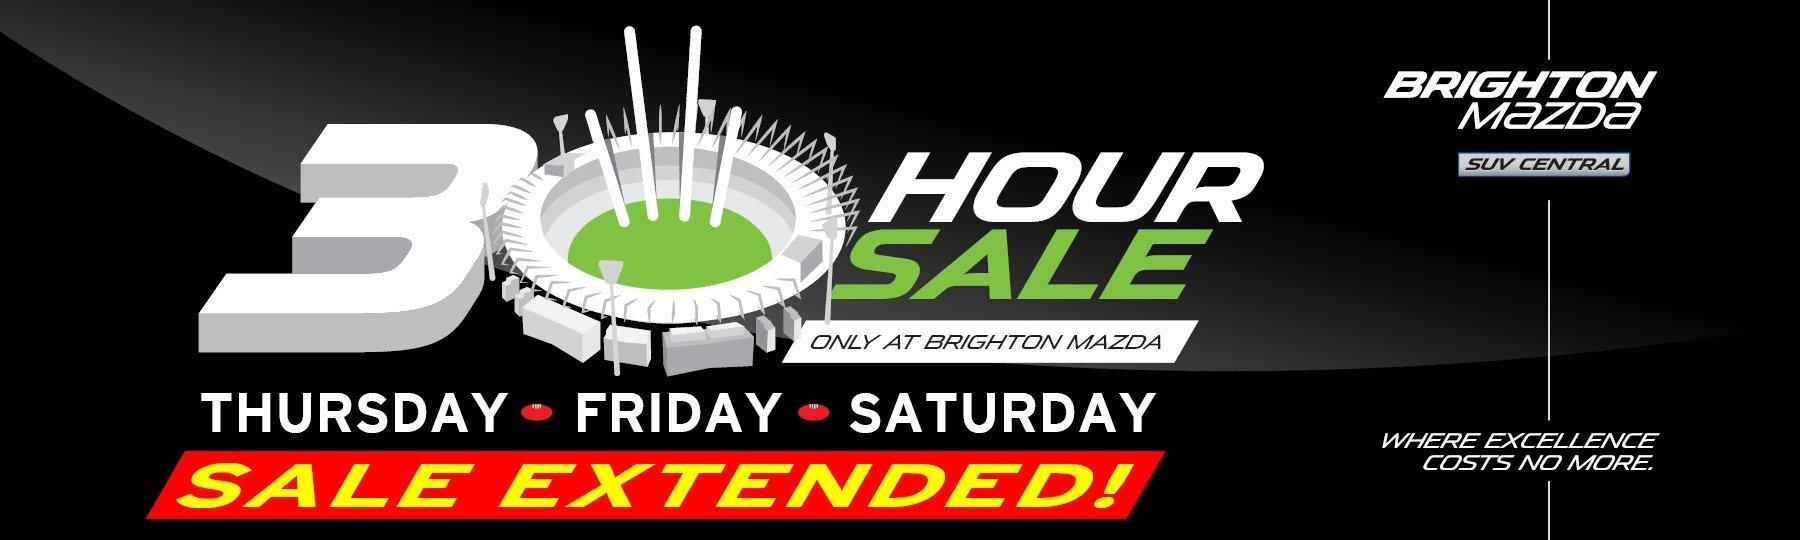 Brighton Mazda 30 Hour Sale